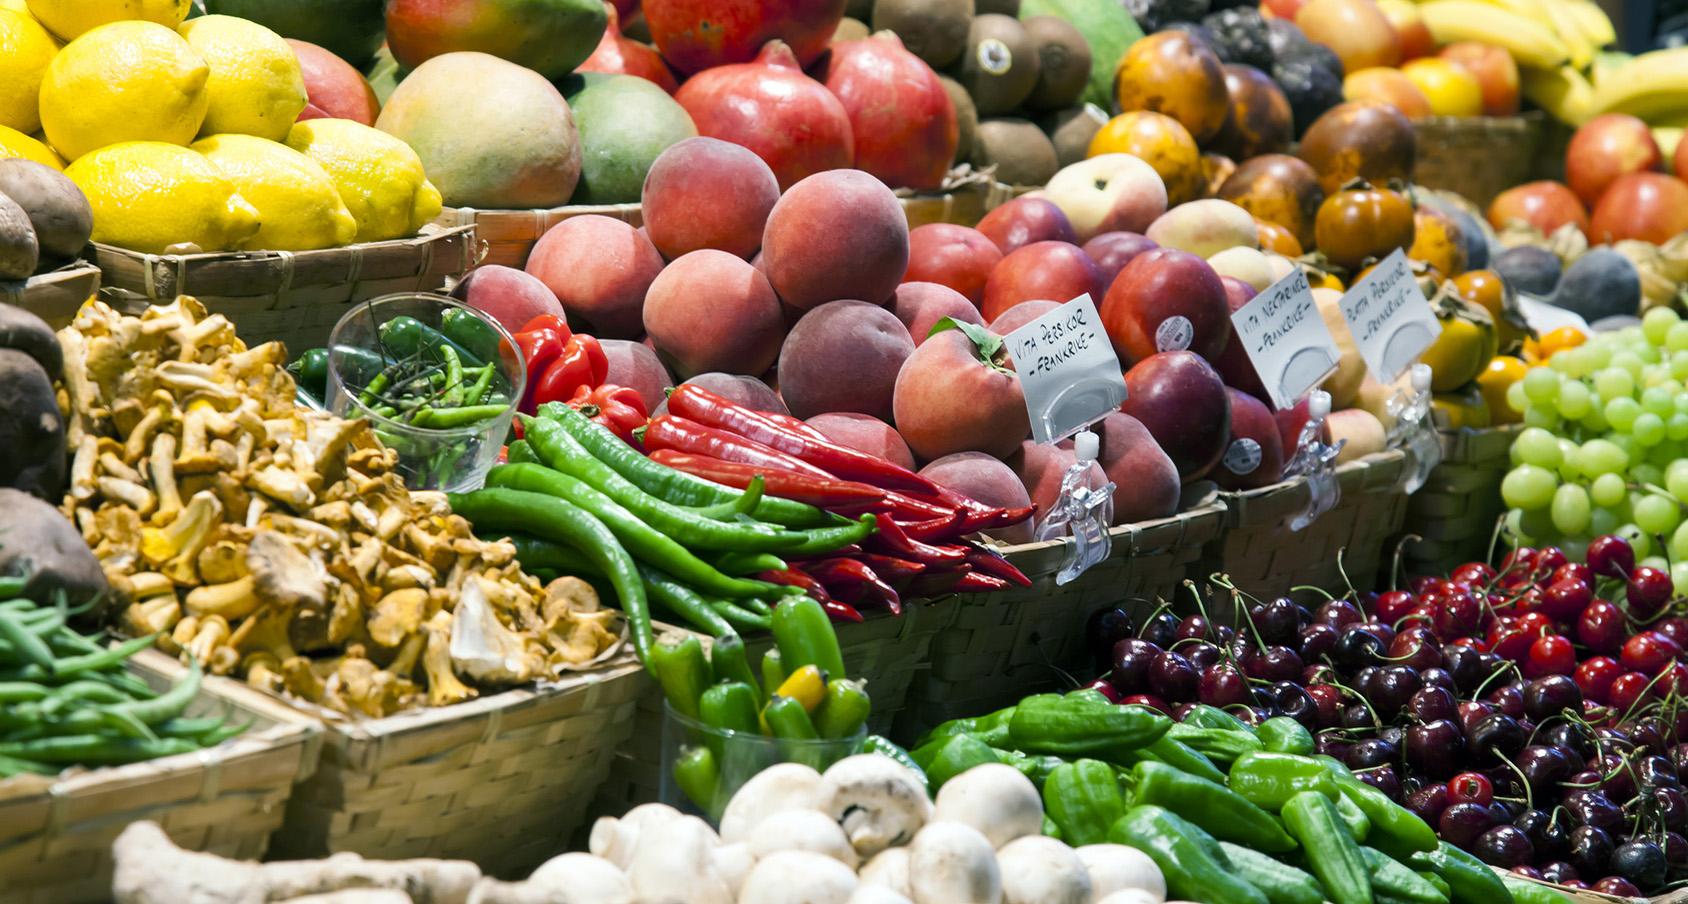 Ukraiński dystrybutor świeżych owoców i warzyw szuka dostawców